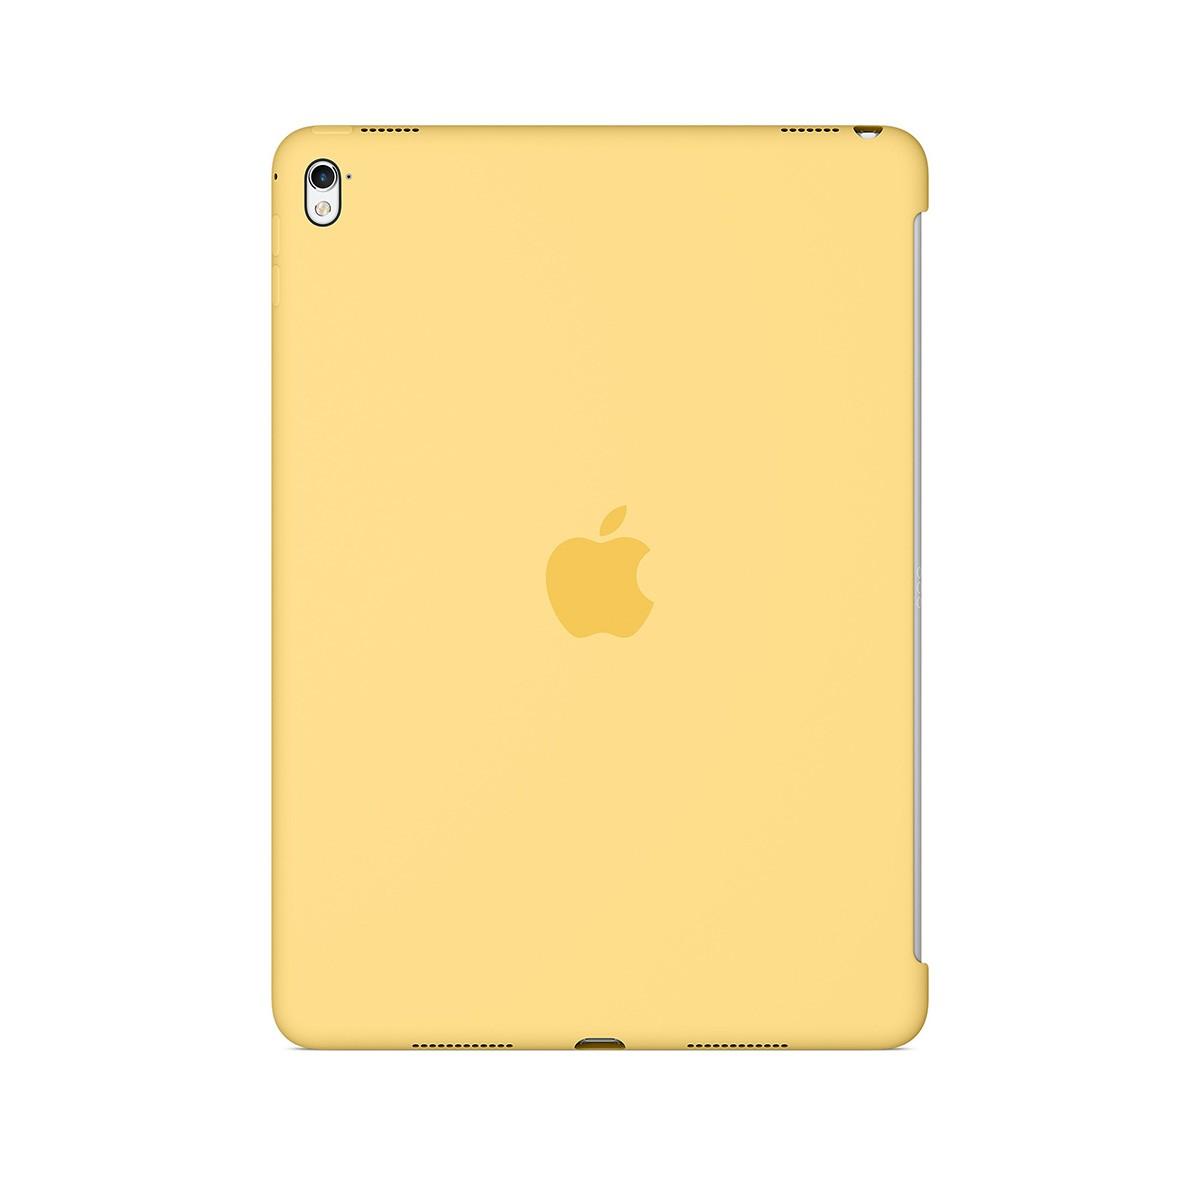 Apple silikonové pouzdro na 9,7palcový iPad Pro - žluté